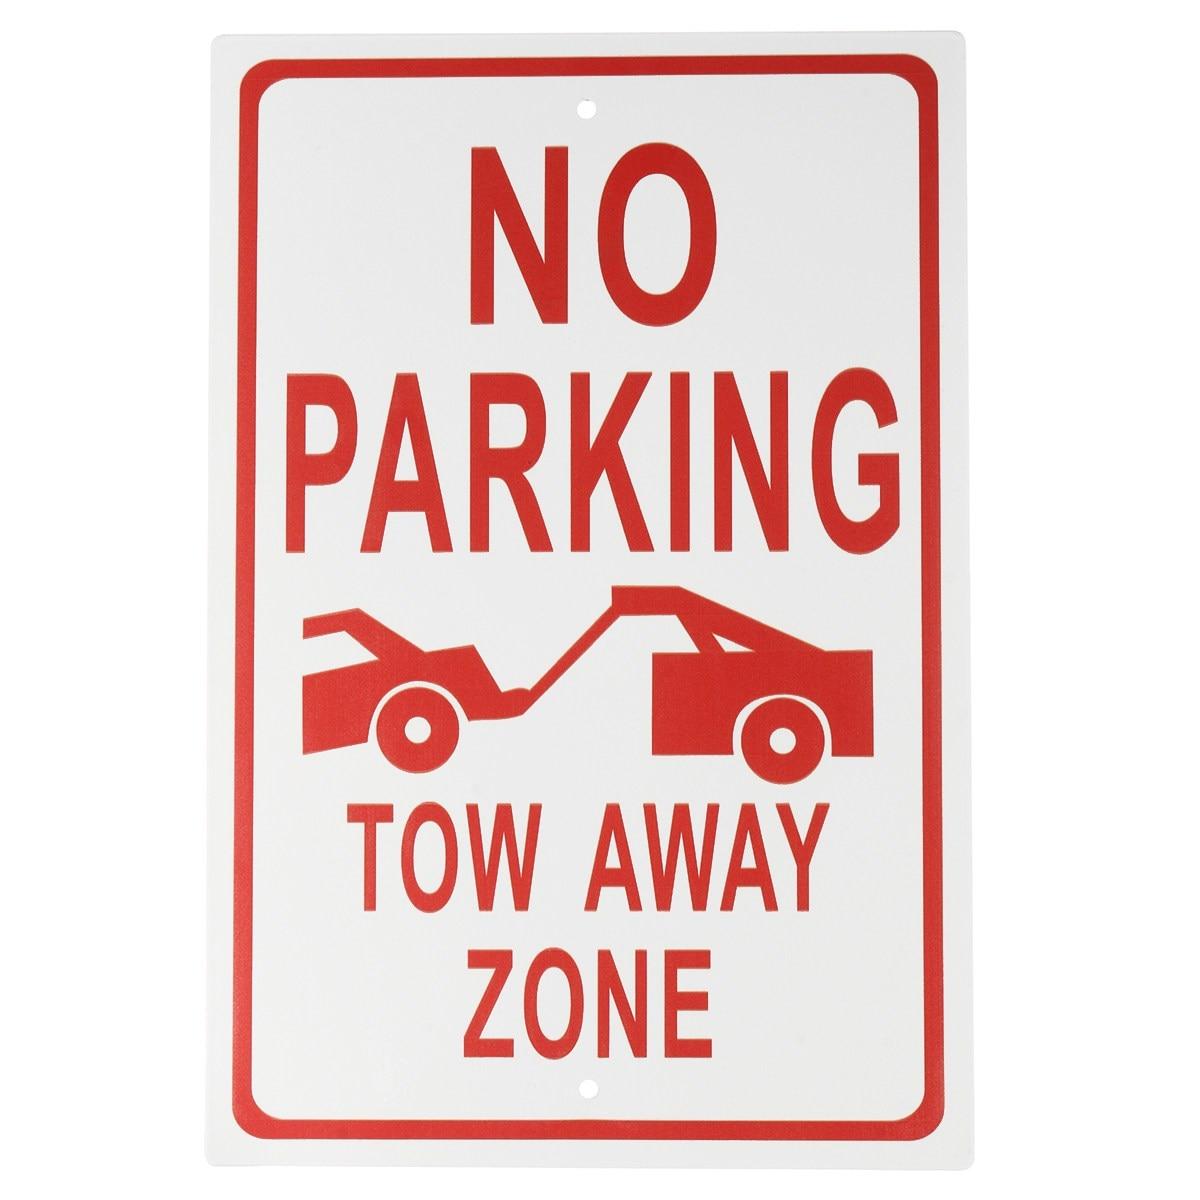 Safurance Алюминий Сплав Нет парковки-буксировки от зоны Предупреждение знак на рабочем месте Детская безопасность безопасности